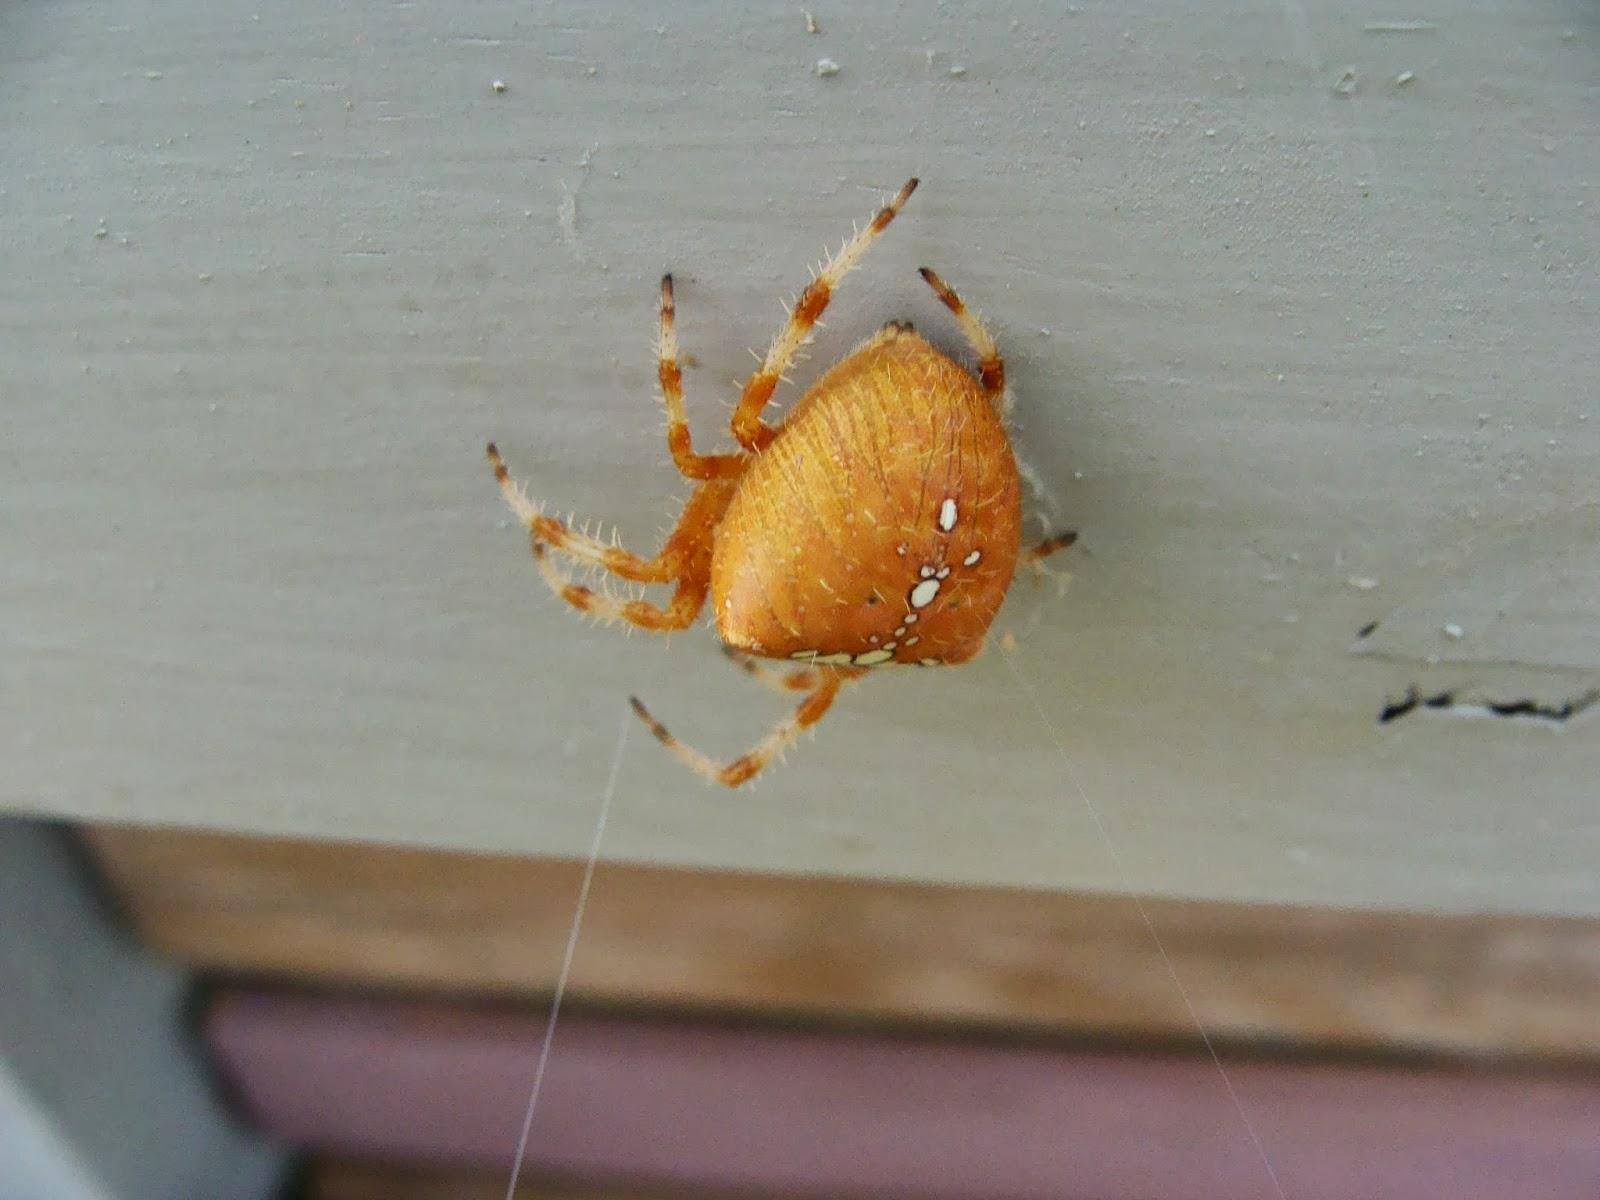 Jardine et ris une b b te dans mon jardin - Une araignee dans la salle de bain ...